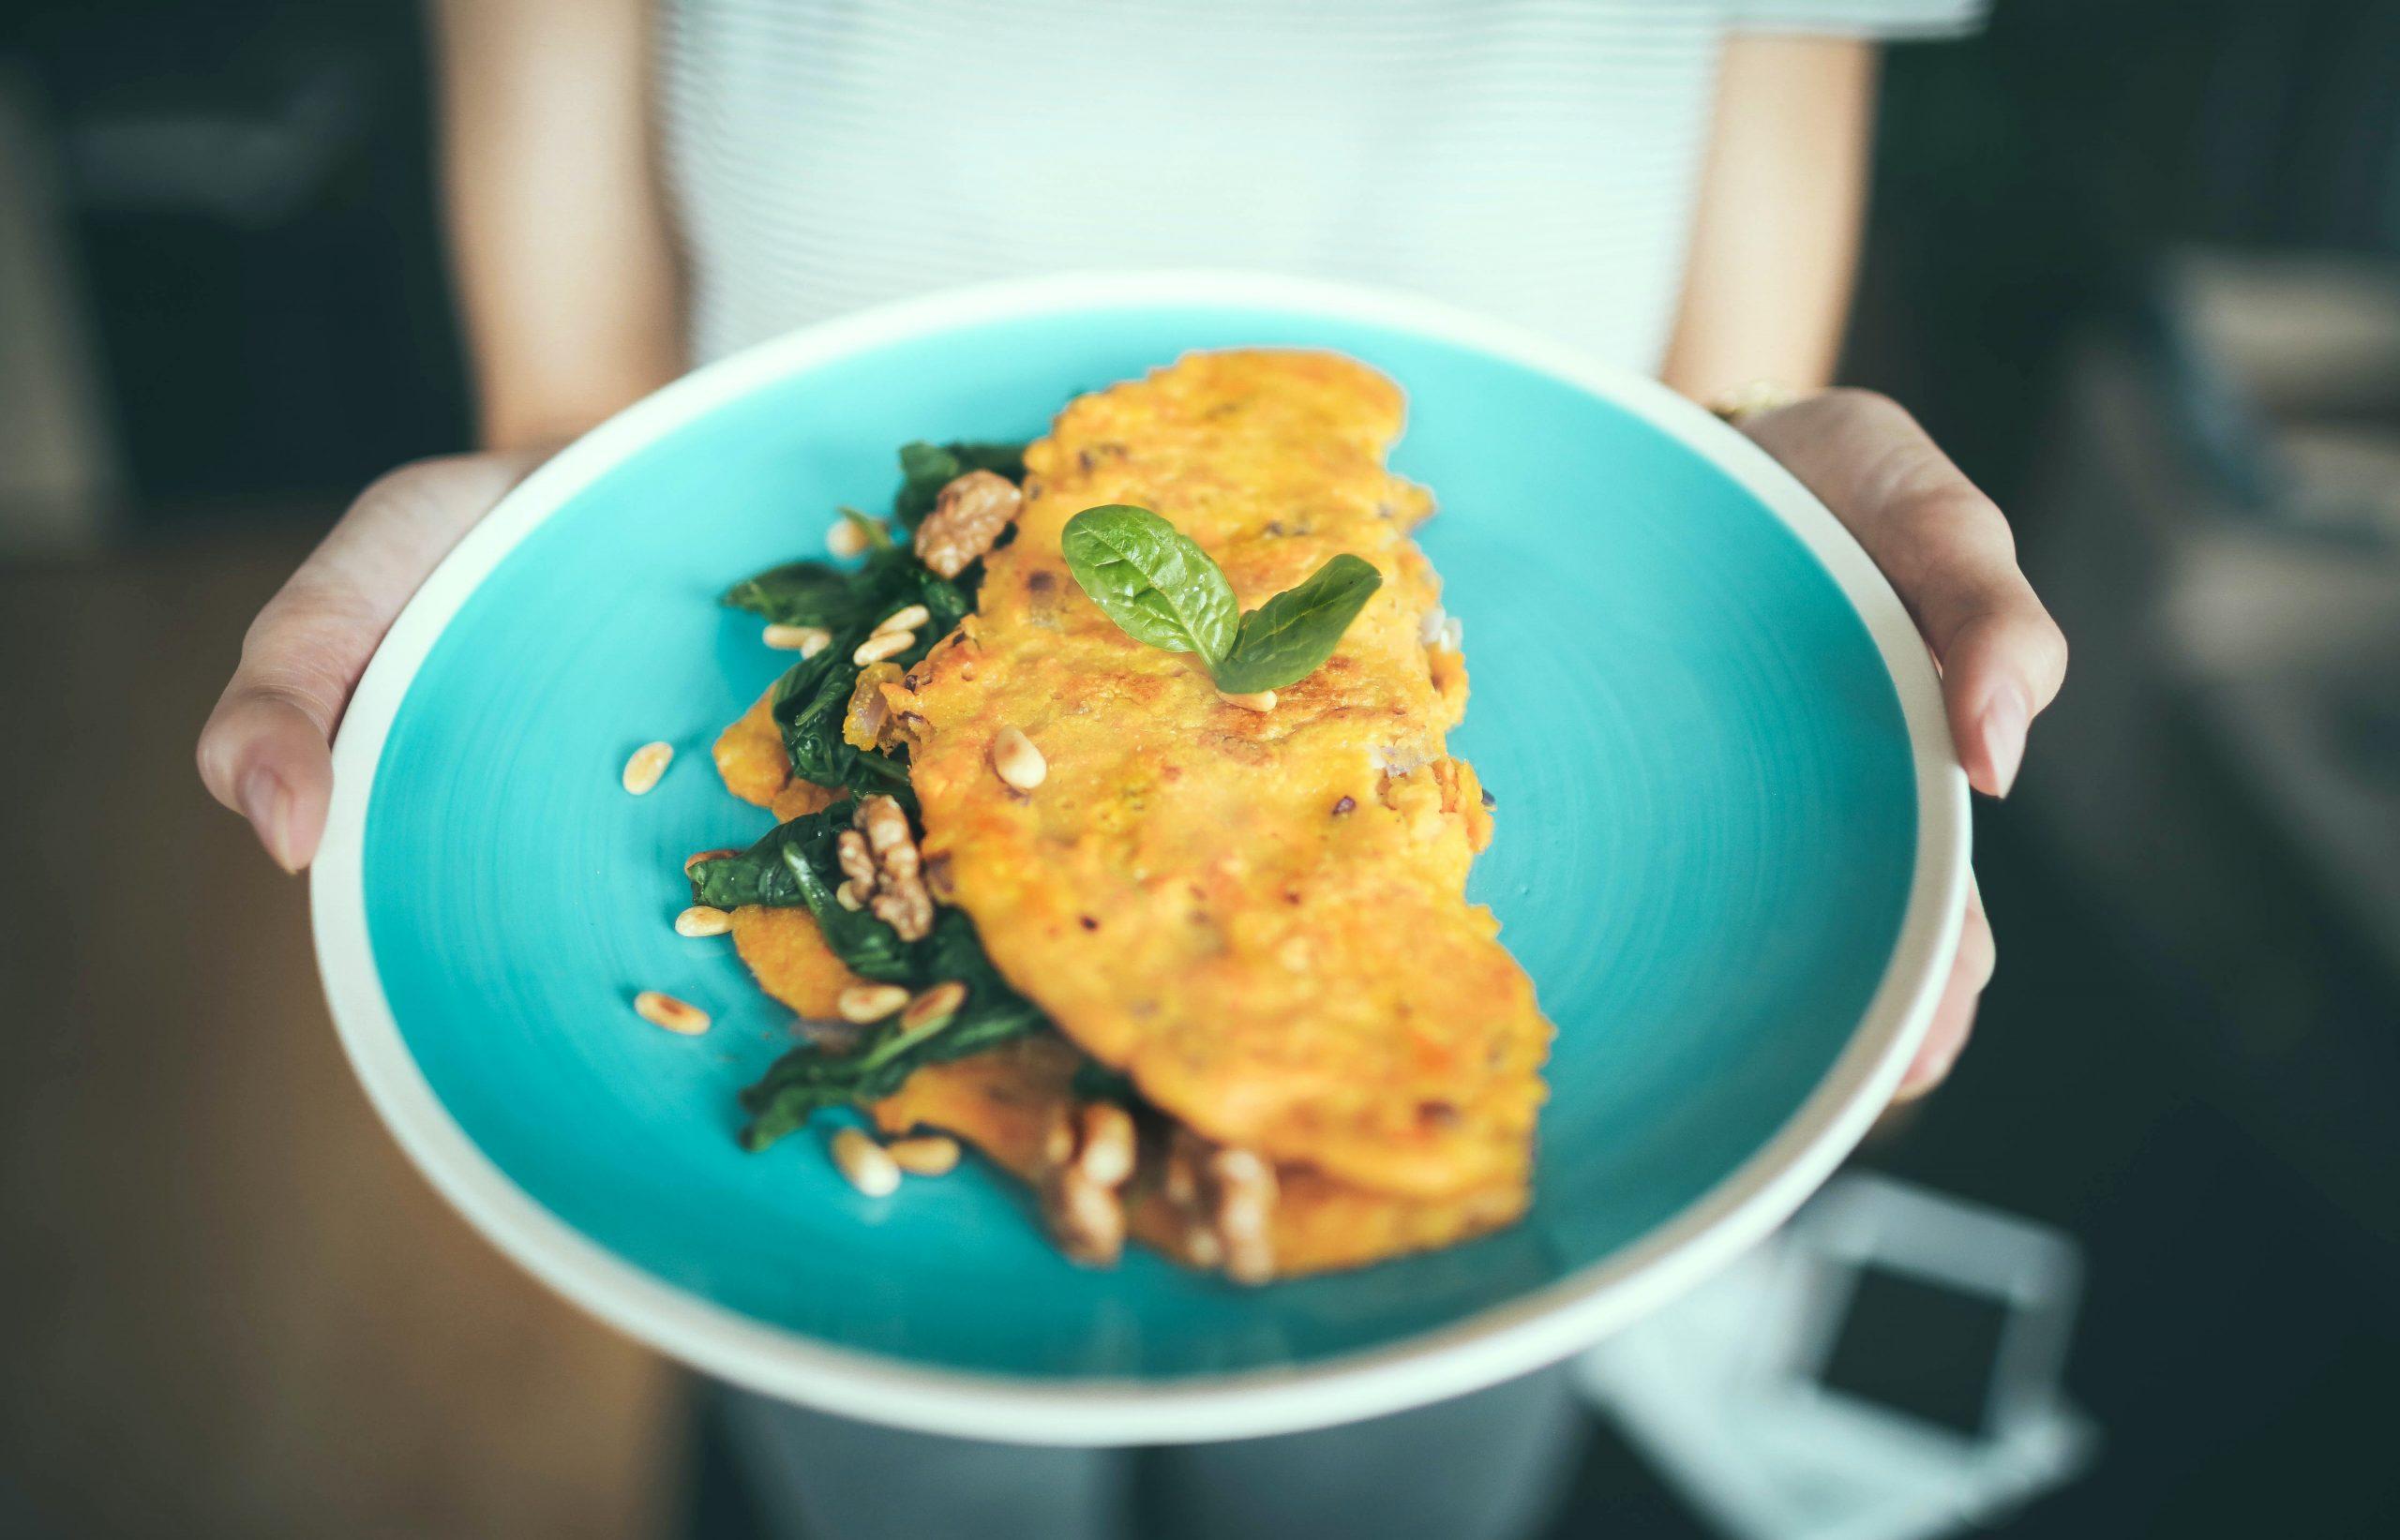 Δείτε πώς μπορείτε να απολαύσετε το πρωινό σας χωρίς γλουτένη!